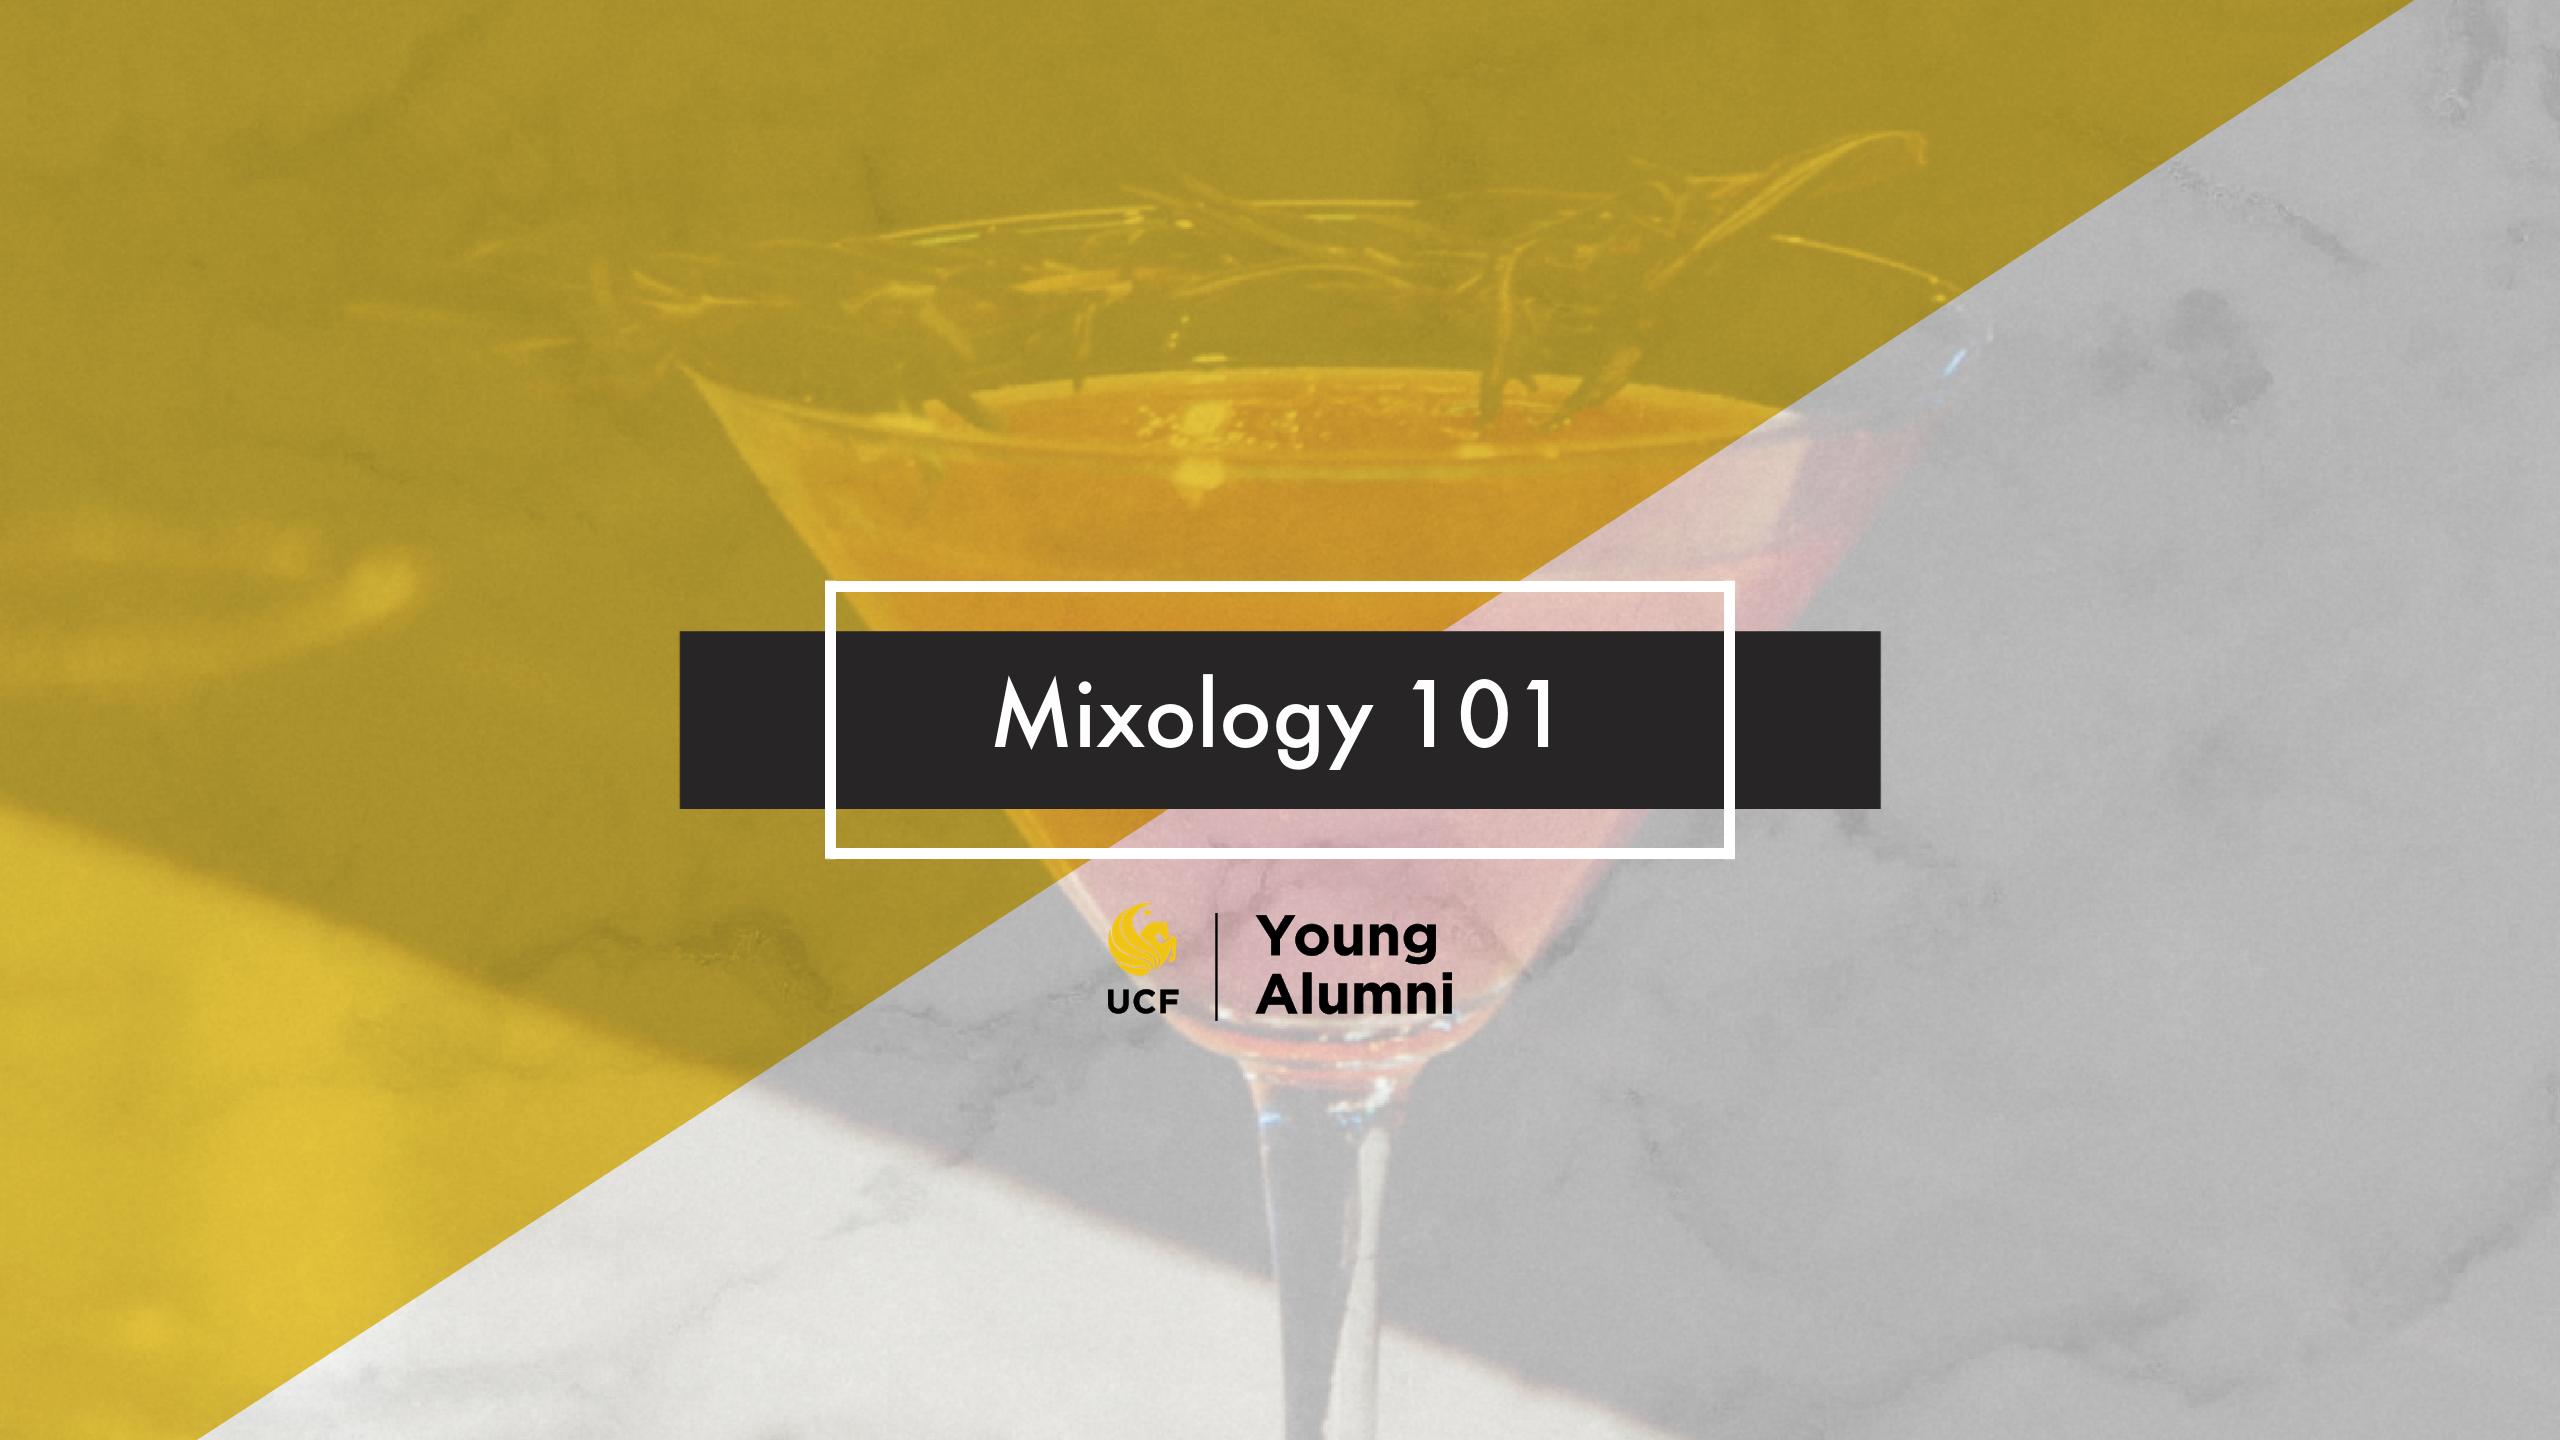 Webinar Recap: Mixology 101